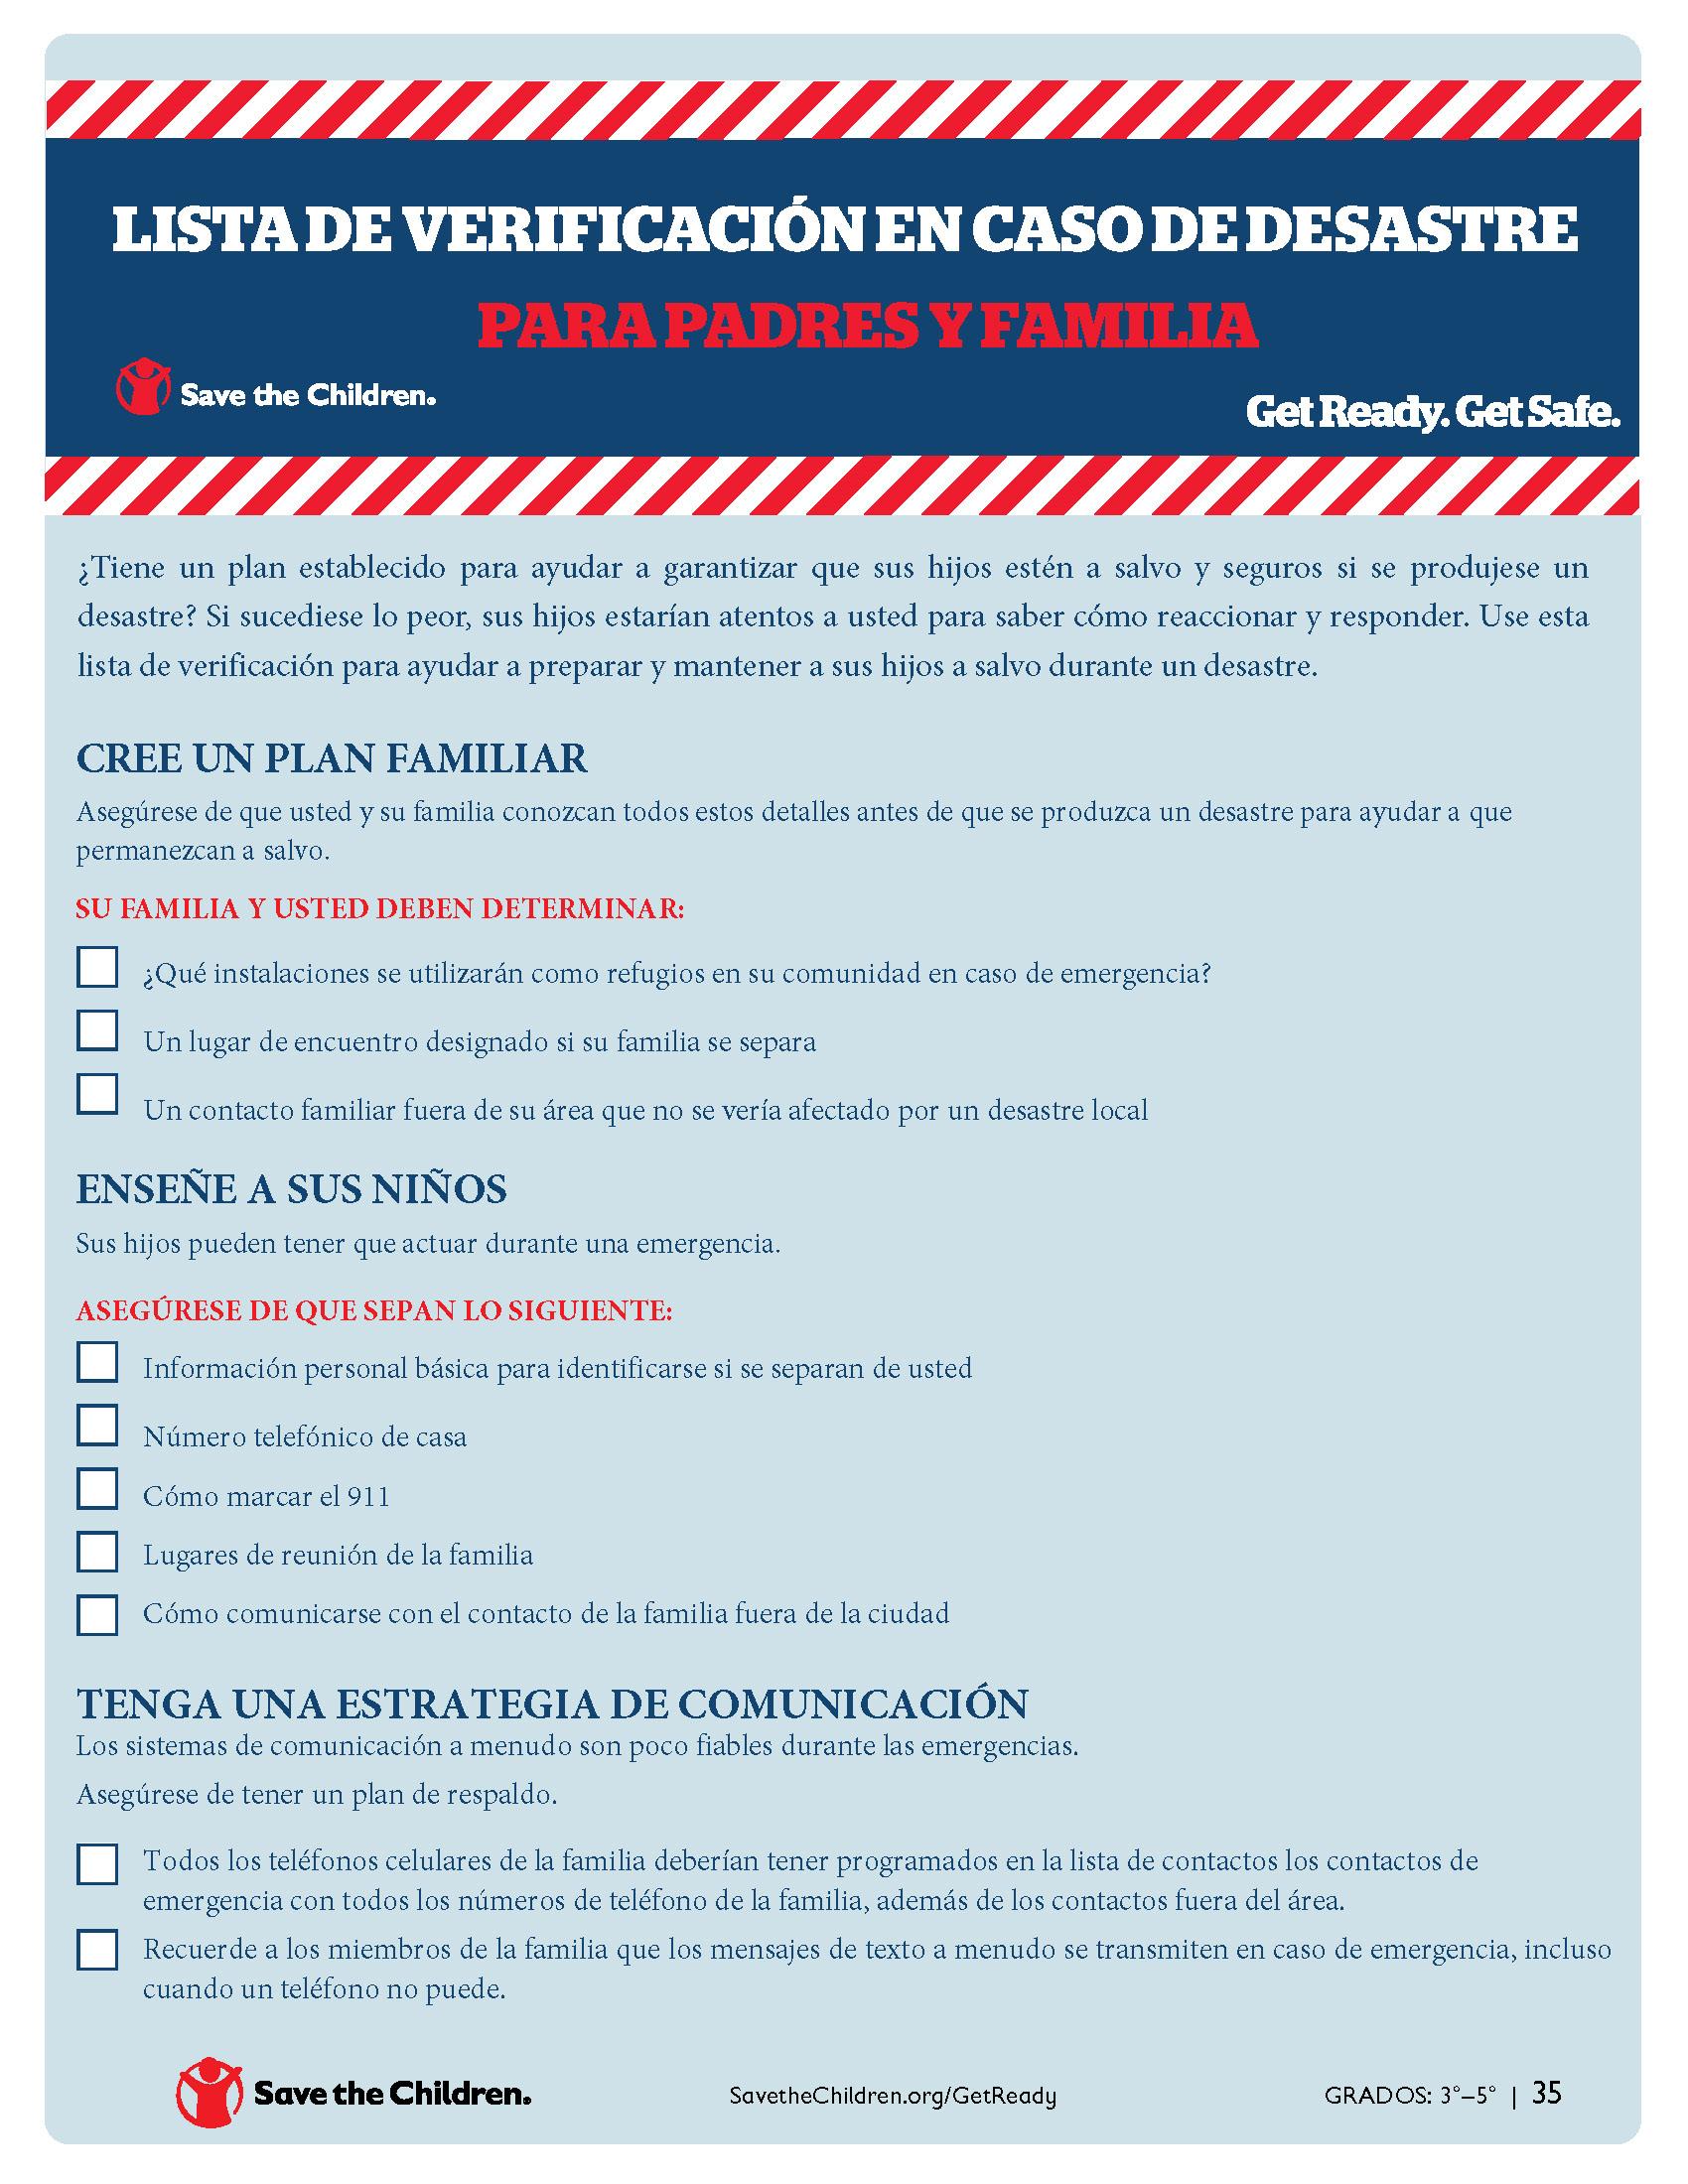 Lista de Verificación en Caso de Desastres para Padres y Familias